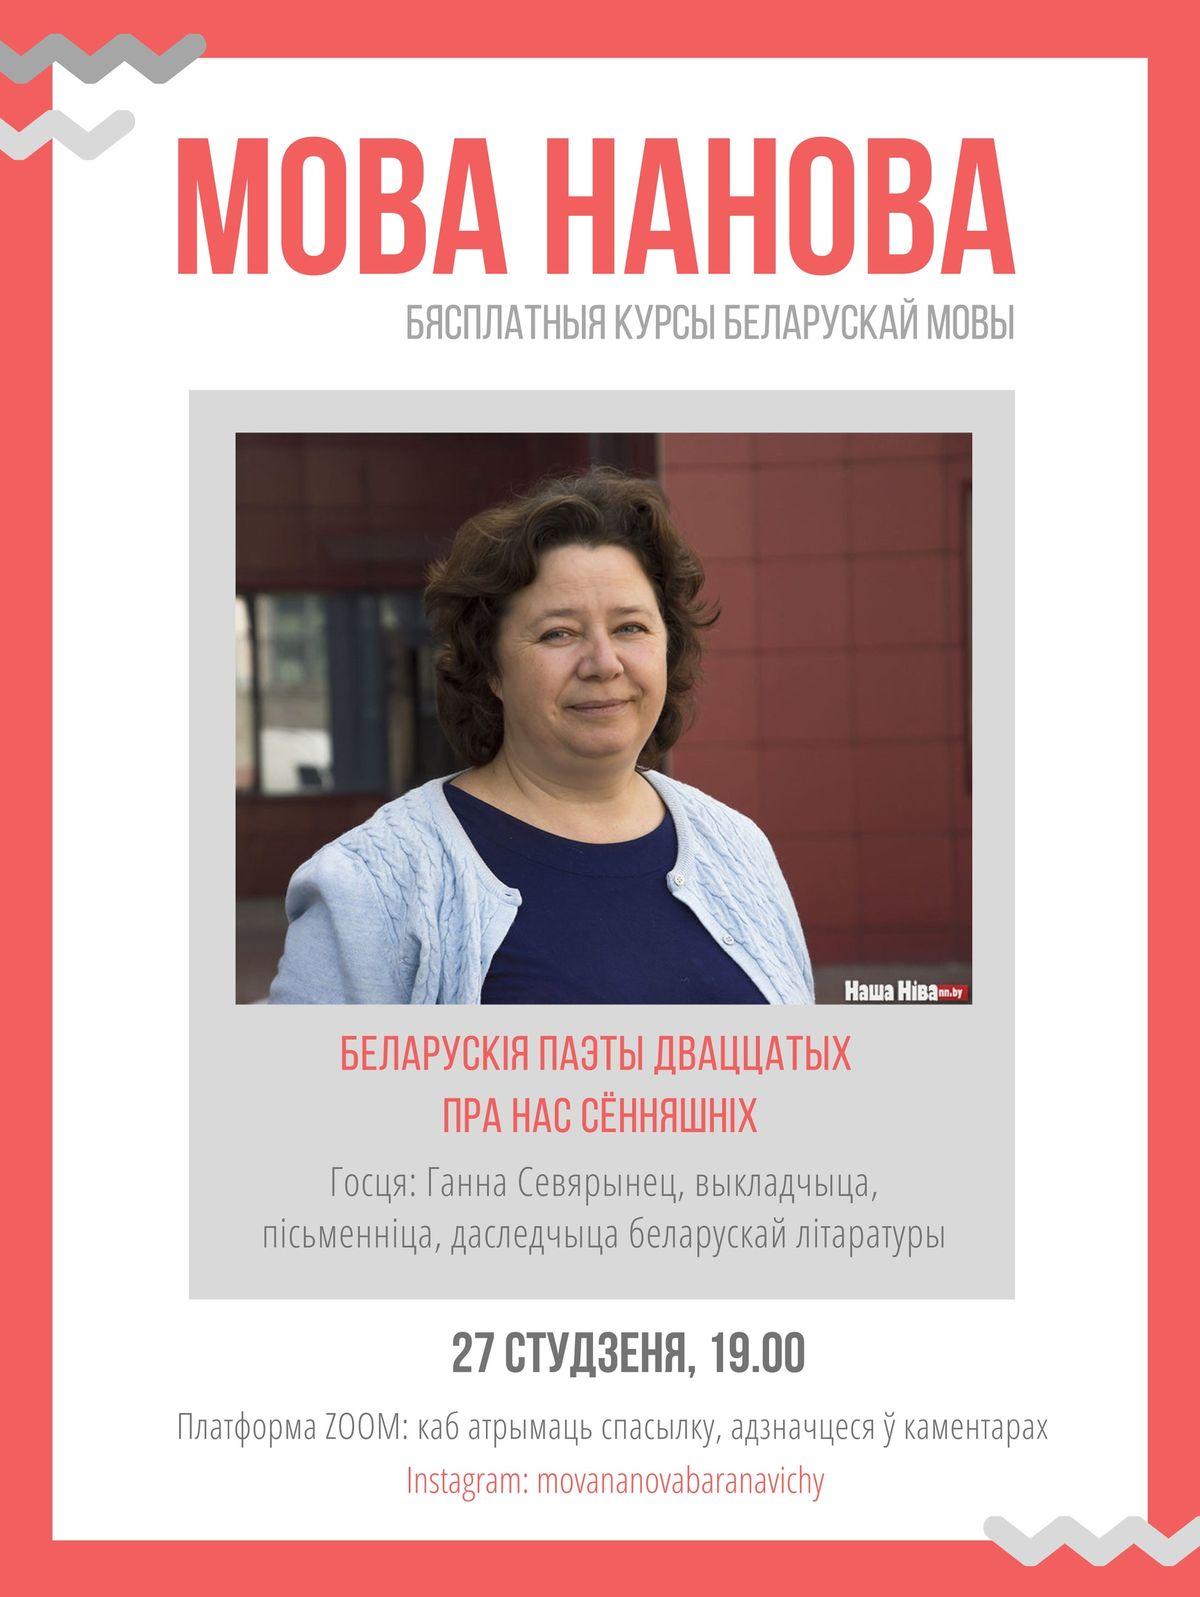 Фота: movananova.baranavichy